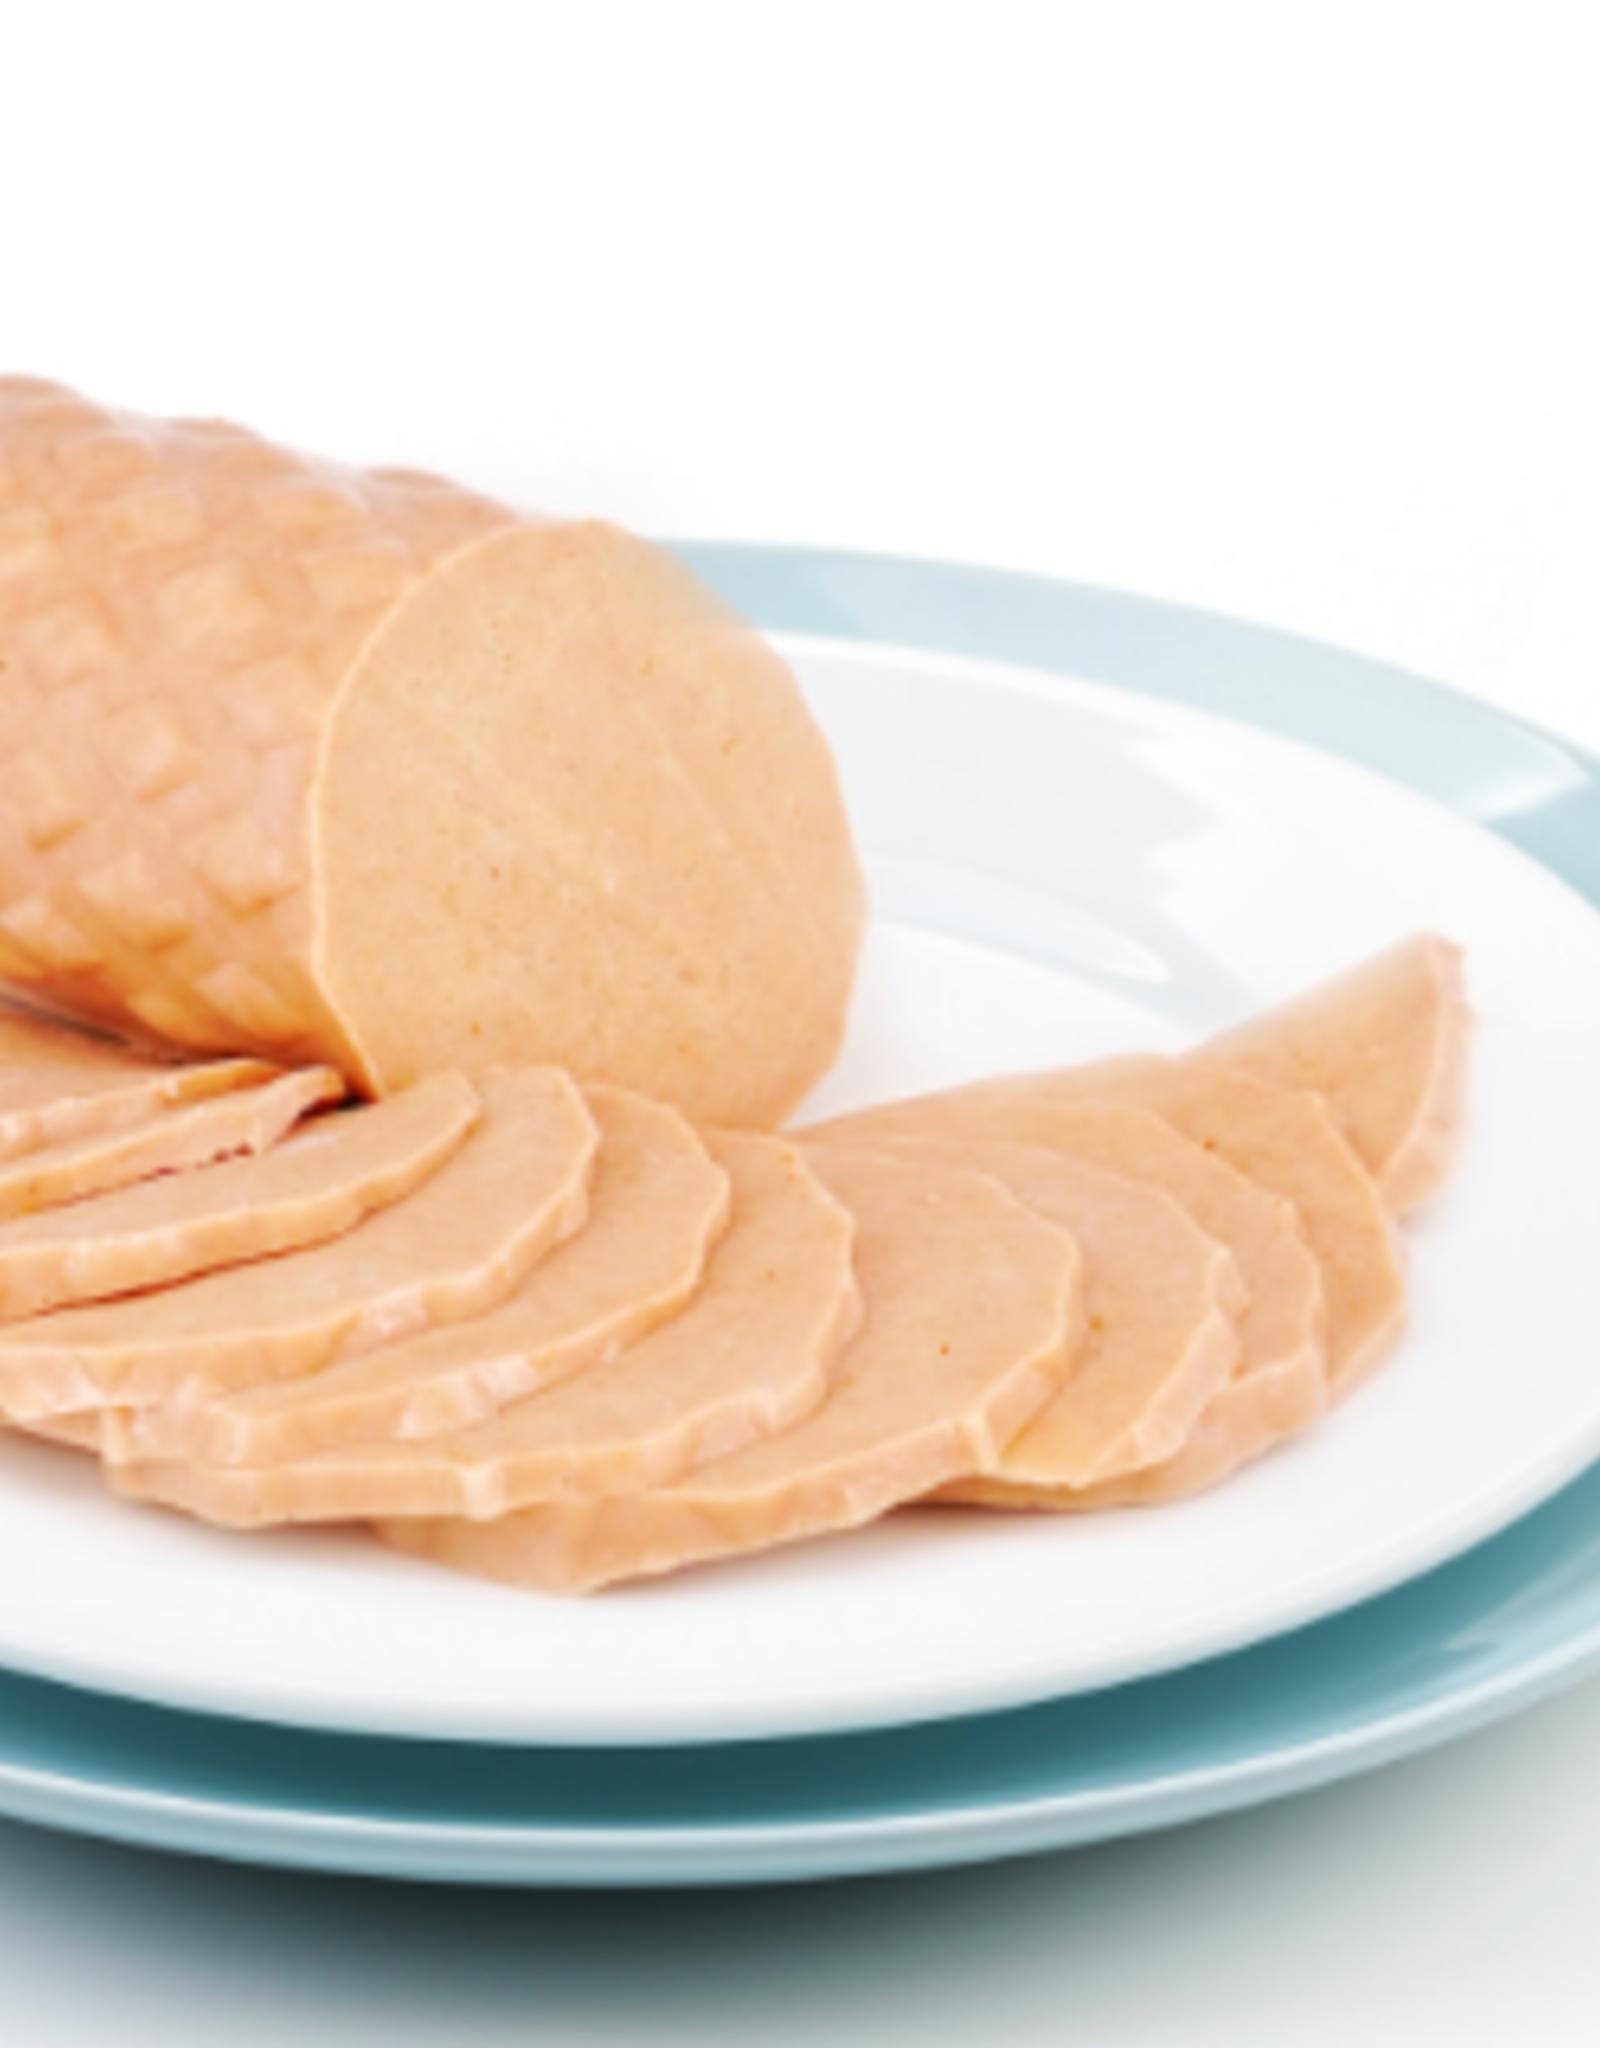 Vegefarm * 松珍 (VF) Vegan Ham*(松珍) 無奶蛋火腿